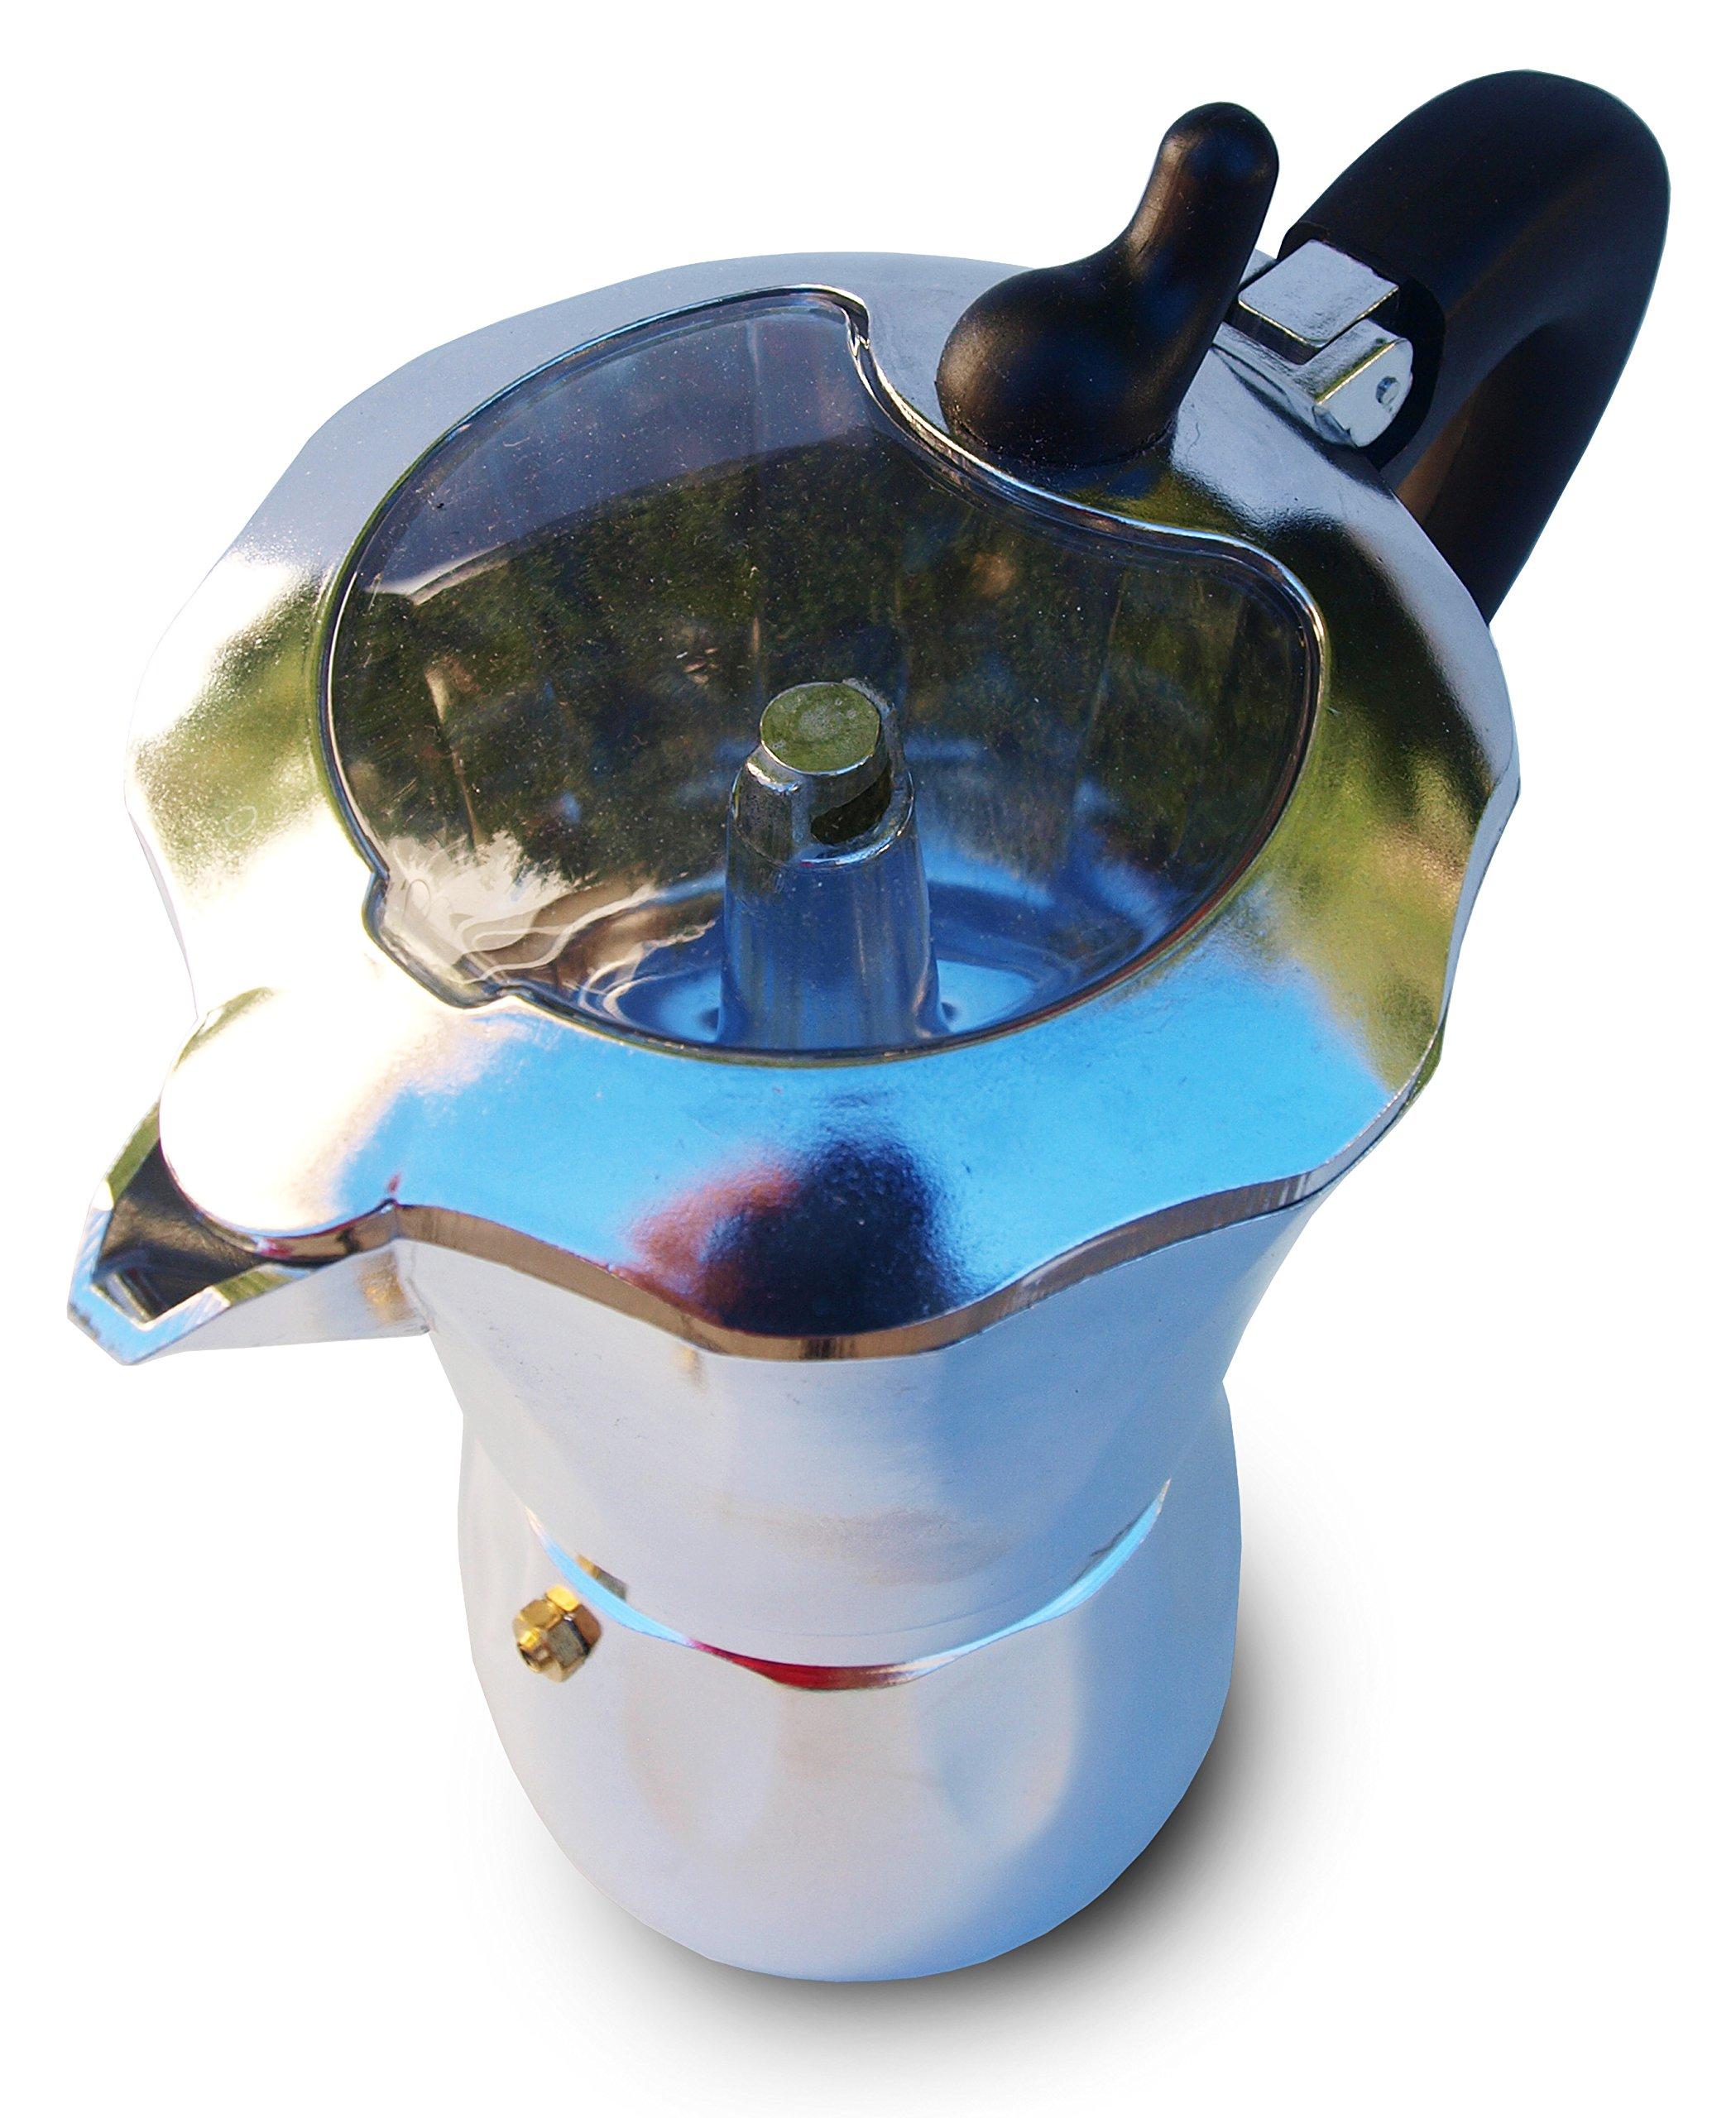 Jata Cafetera Italiana 9 Tazas: Amazon.es: Electrónica